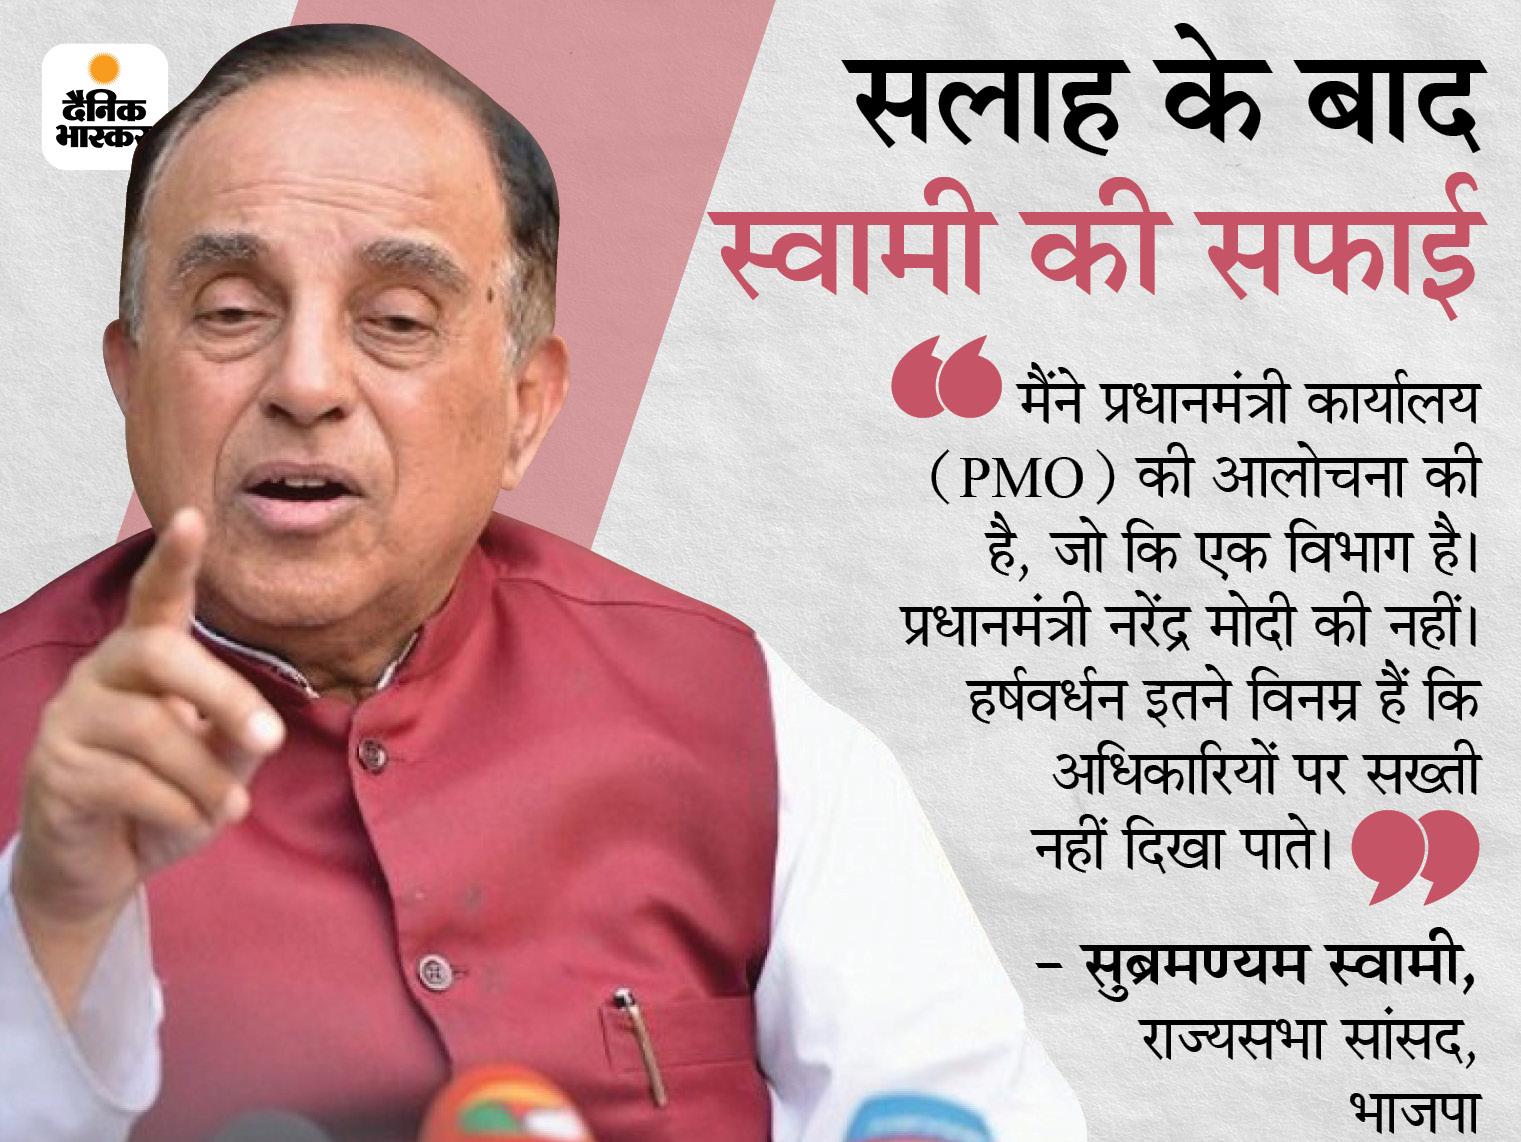 PMO पर भरोसा करना बेकार; जंग की कमान नितिन गडकरी को सौंपिये, क्योंकि वो खुद को साबित कर चुके देश,National - Dainik Bhaskar